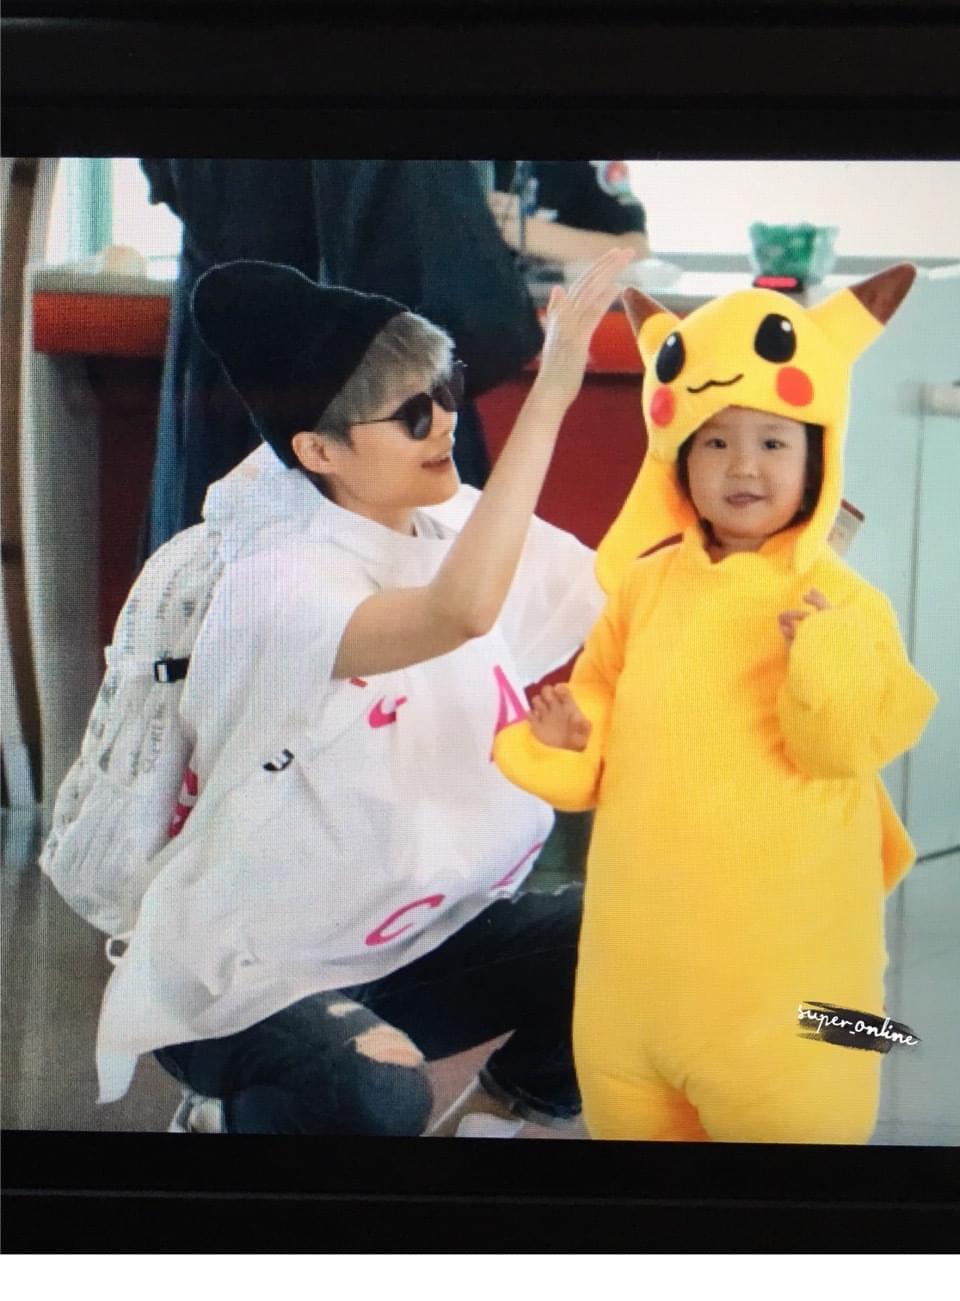 萌化!小歌迷扮皮卡丘与李宇春机场相拥